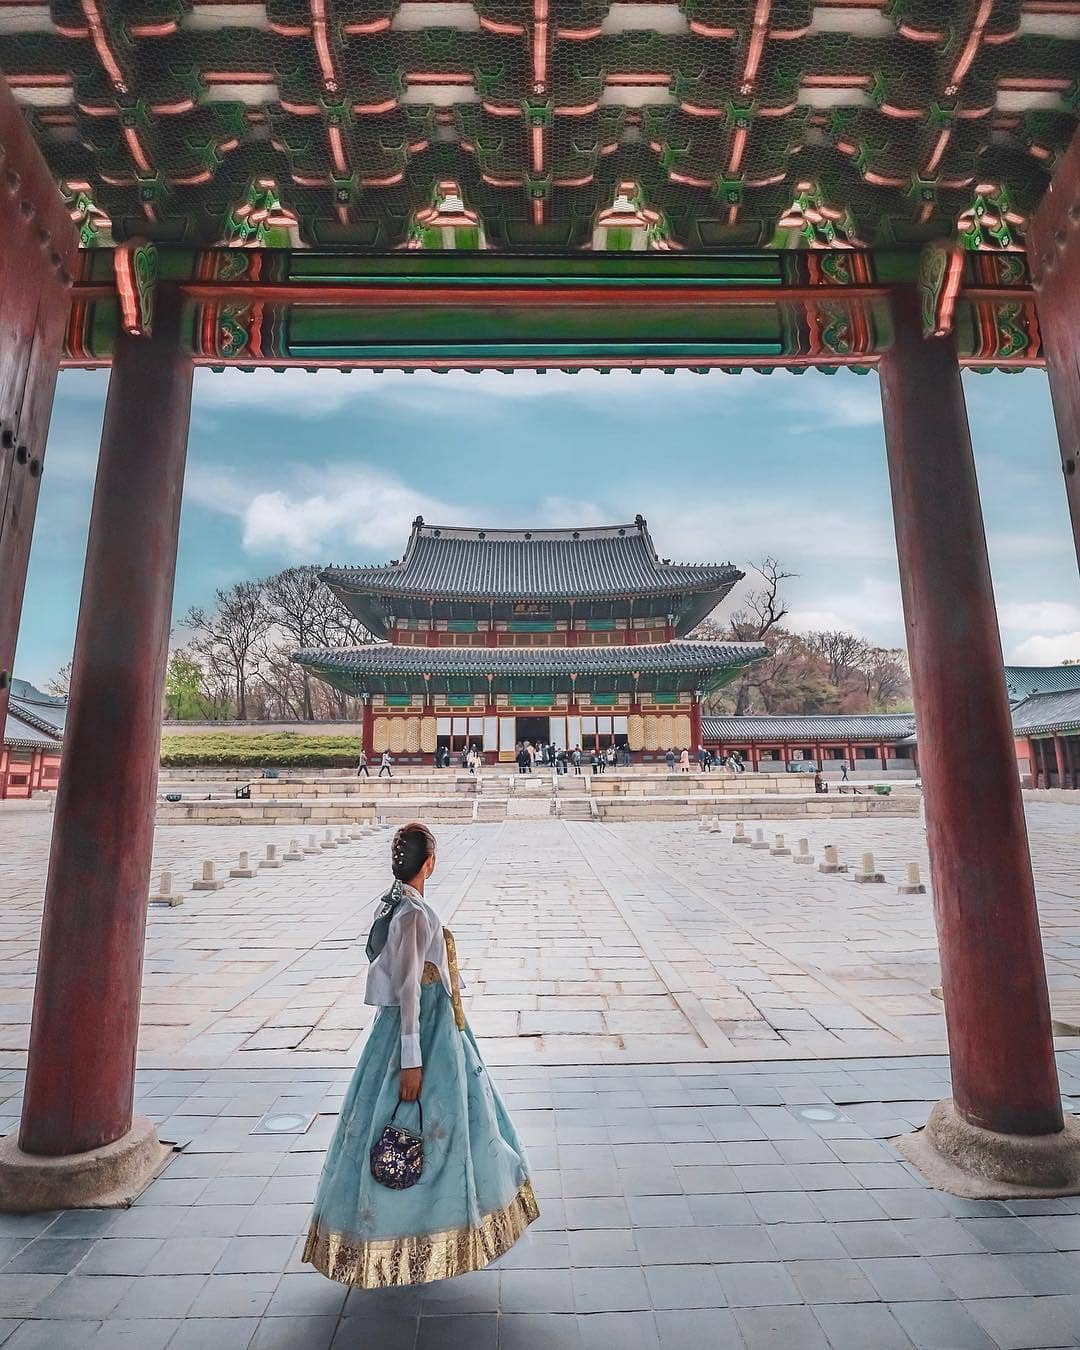 Lạc lối ở Seoul với những cung điện thường thấy trong các bộ phim cổ trang Hàn Quốc - Ảnh 9.